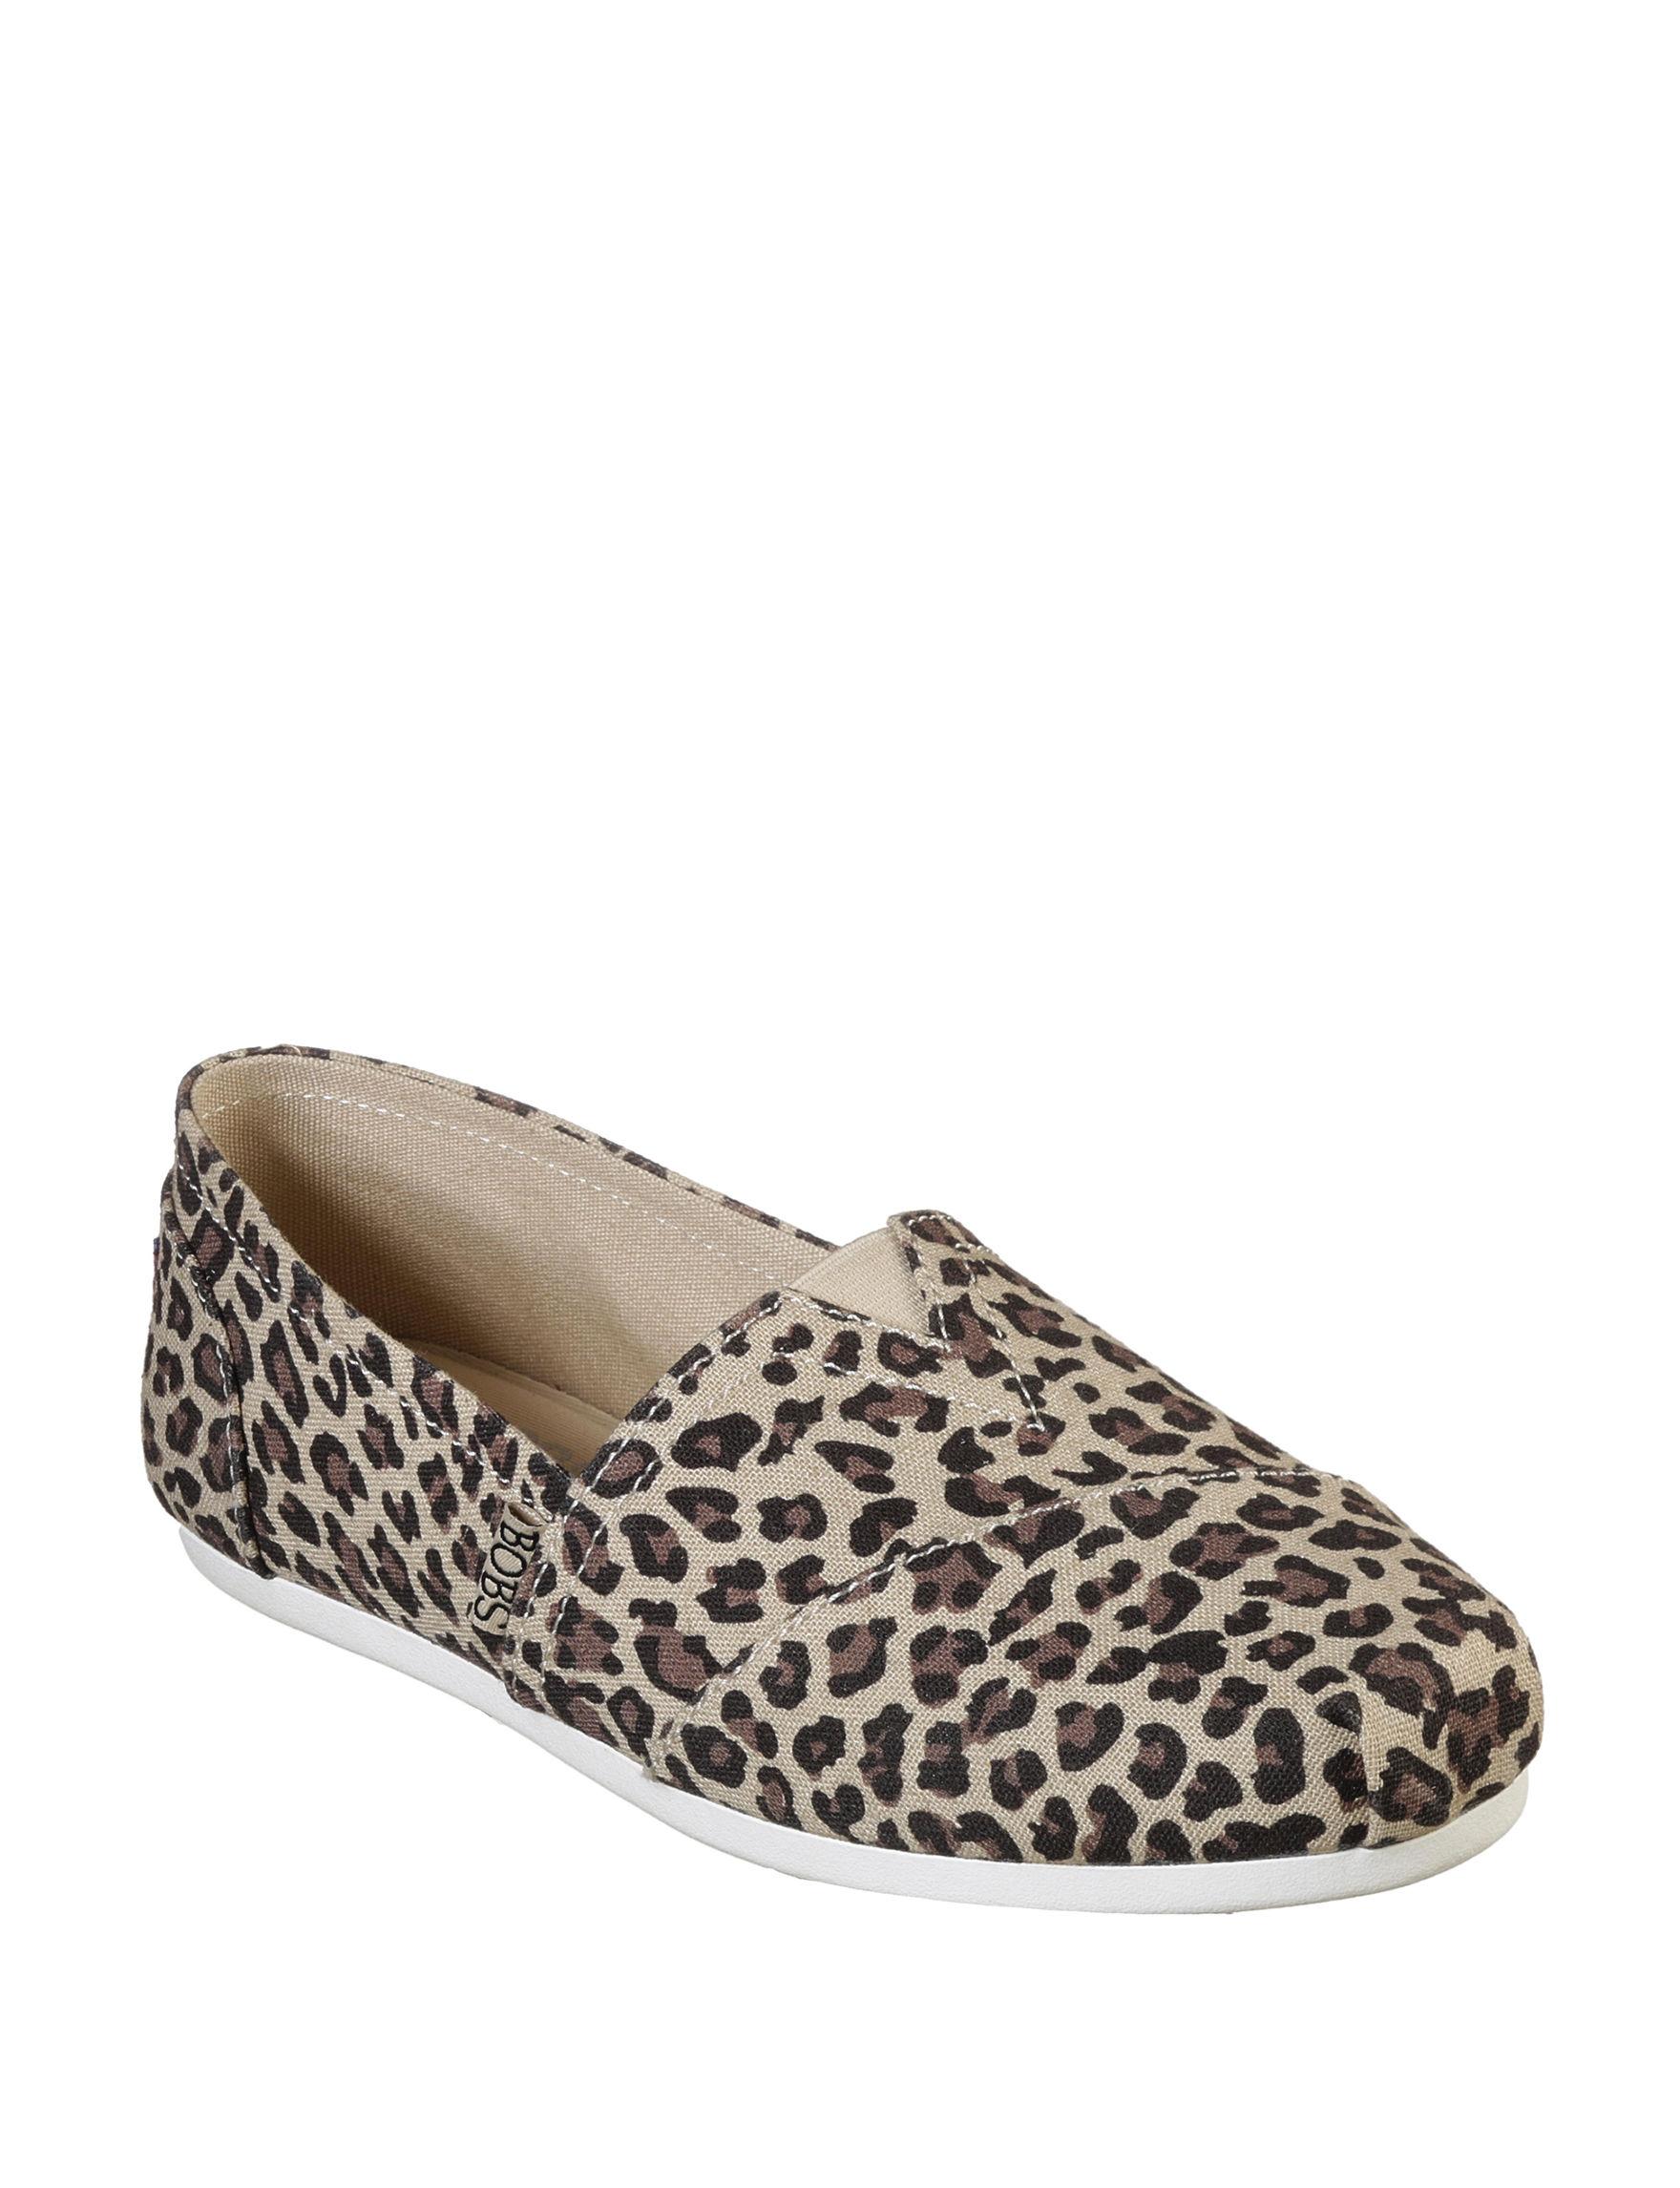 Skechers Leopard